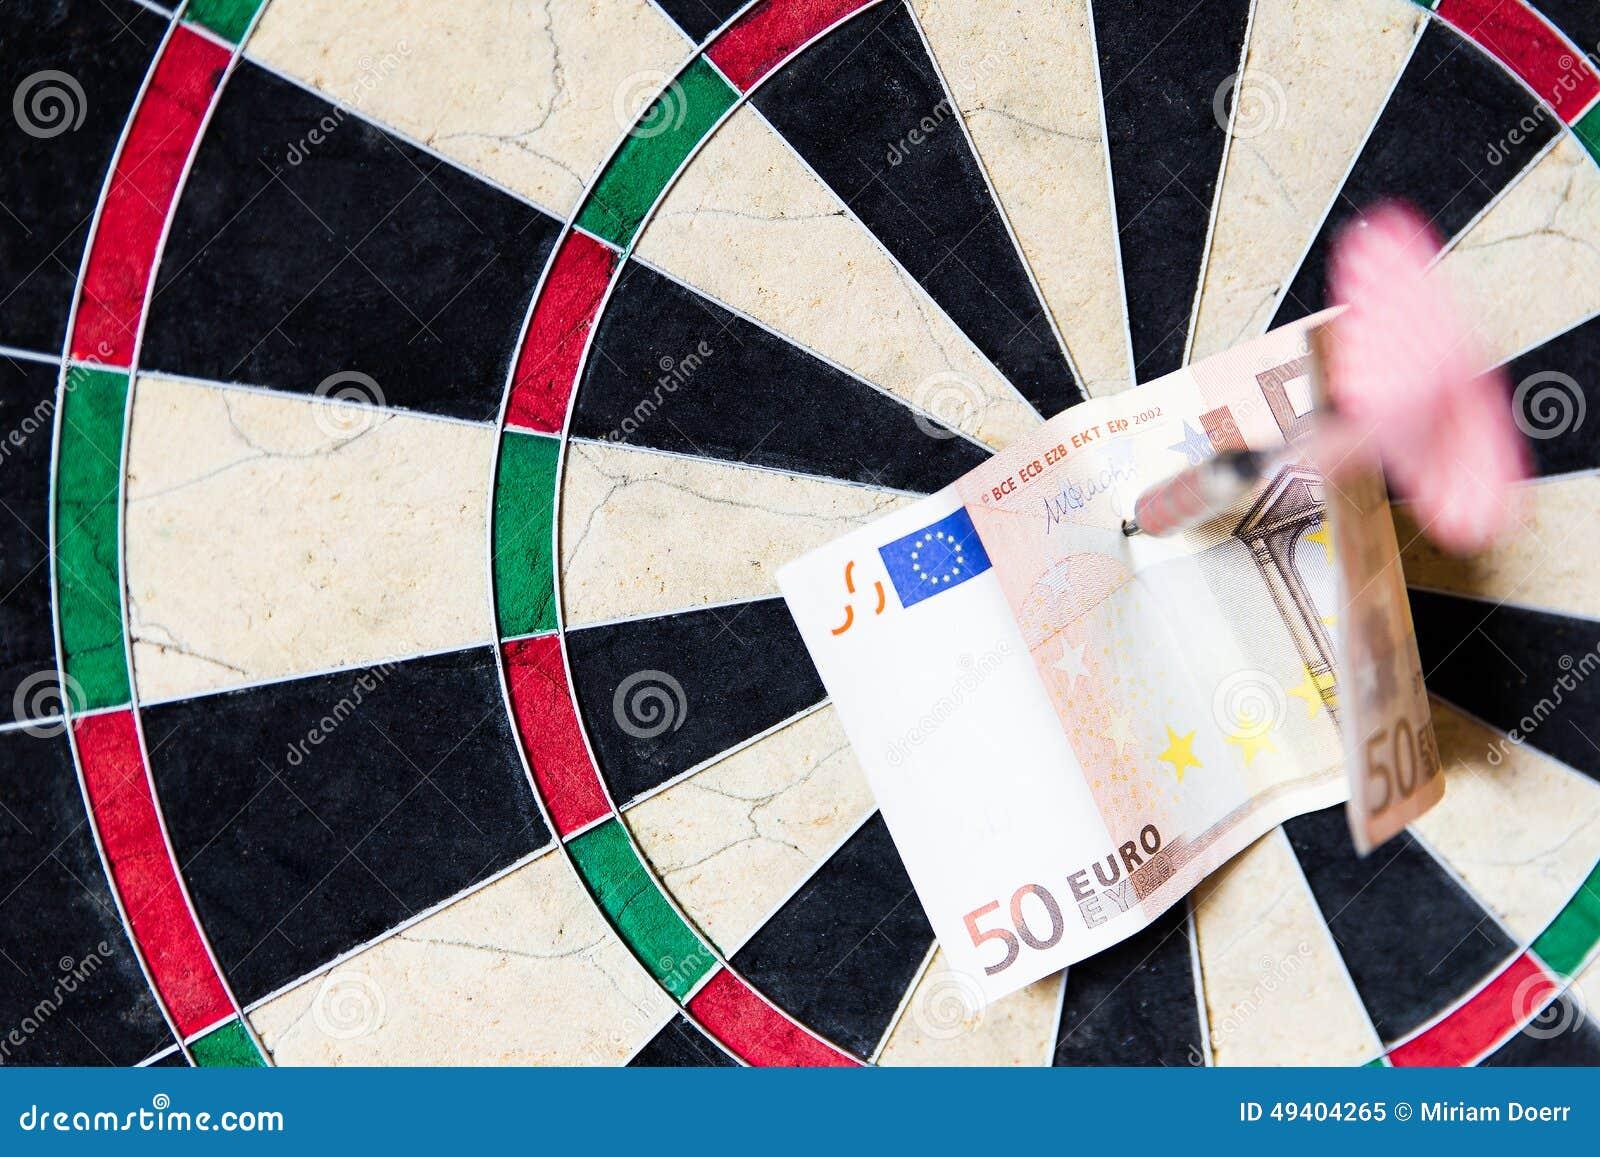 Download Dartscheibe Mit Stahlpfeilen Und Euro In Ihm Stockbild - Bild von geschäft, euro: 49404265